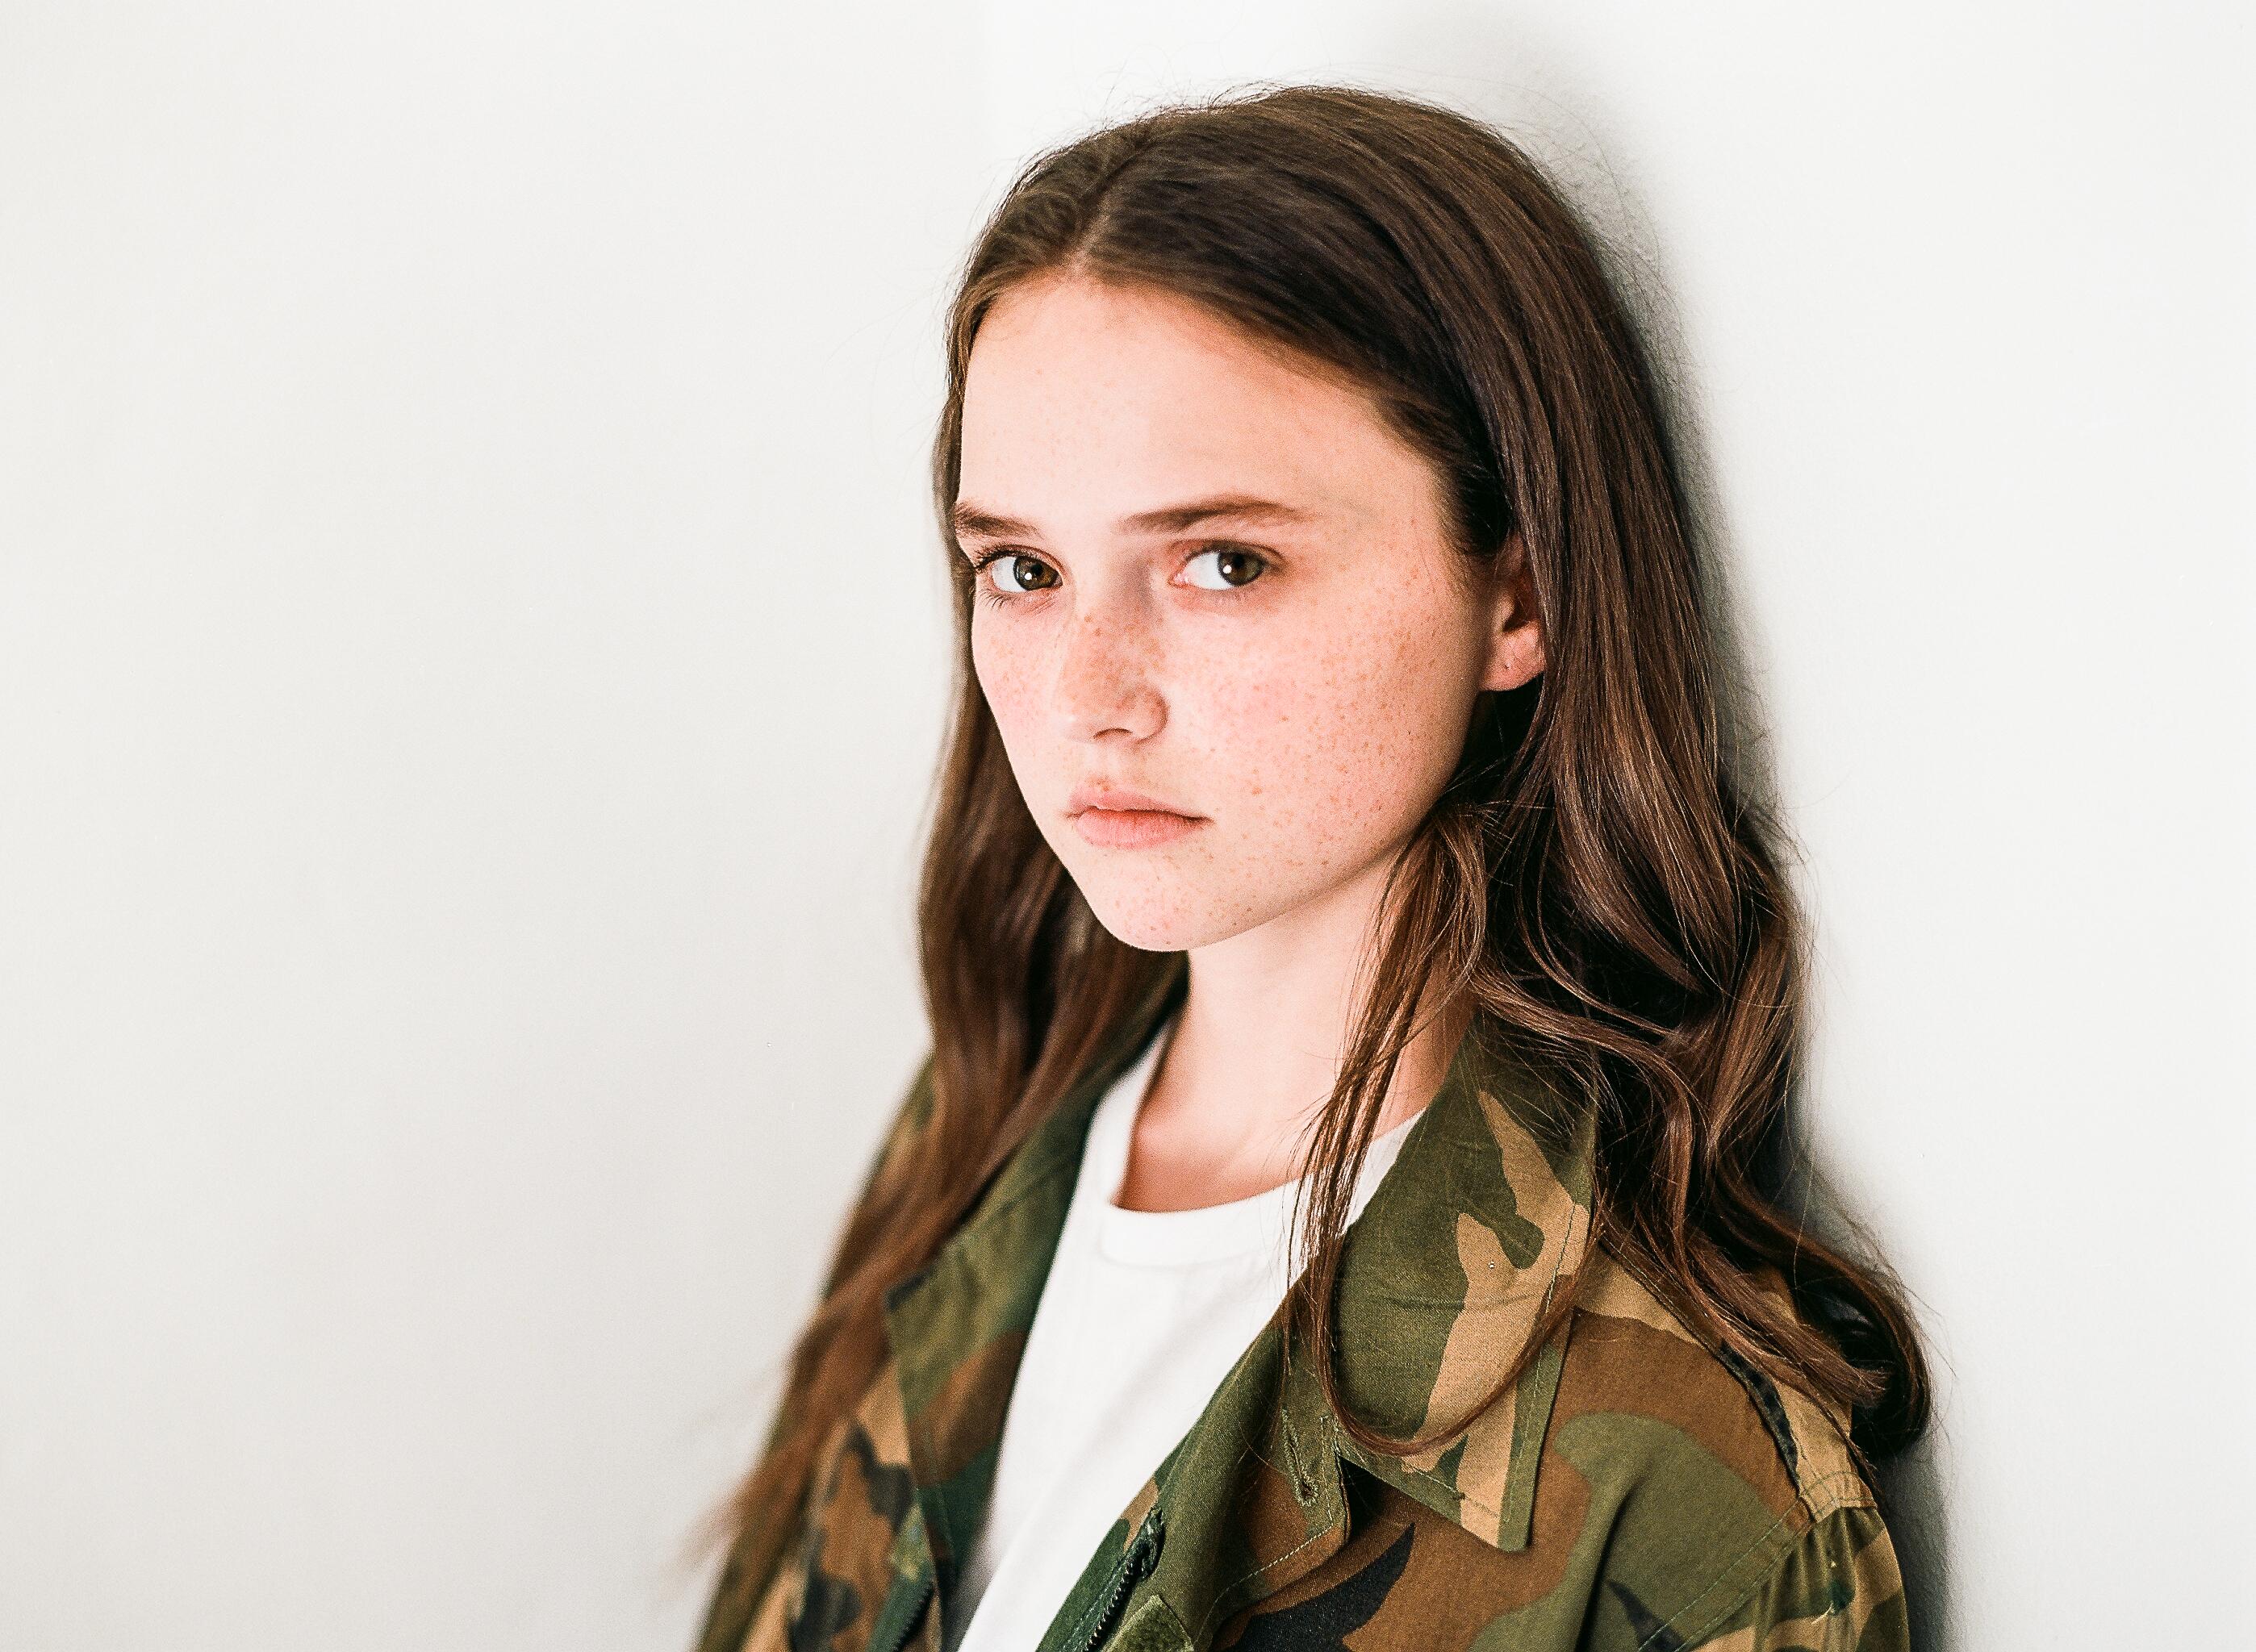 Allie-14